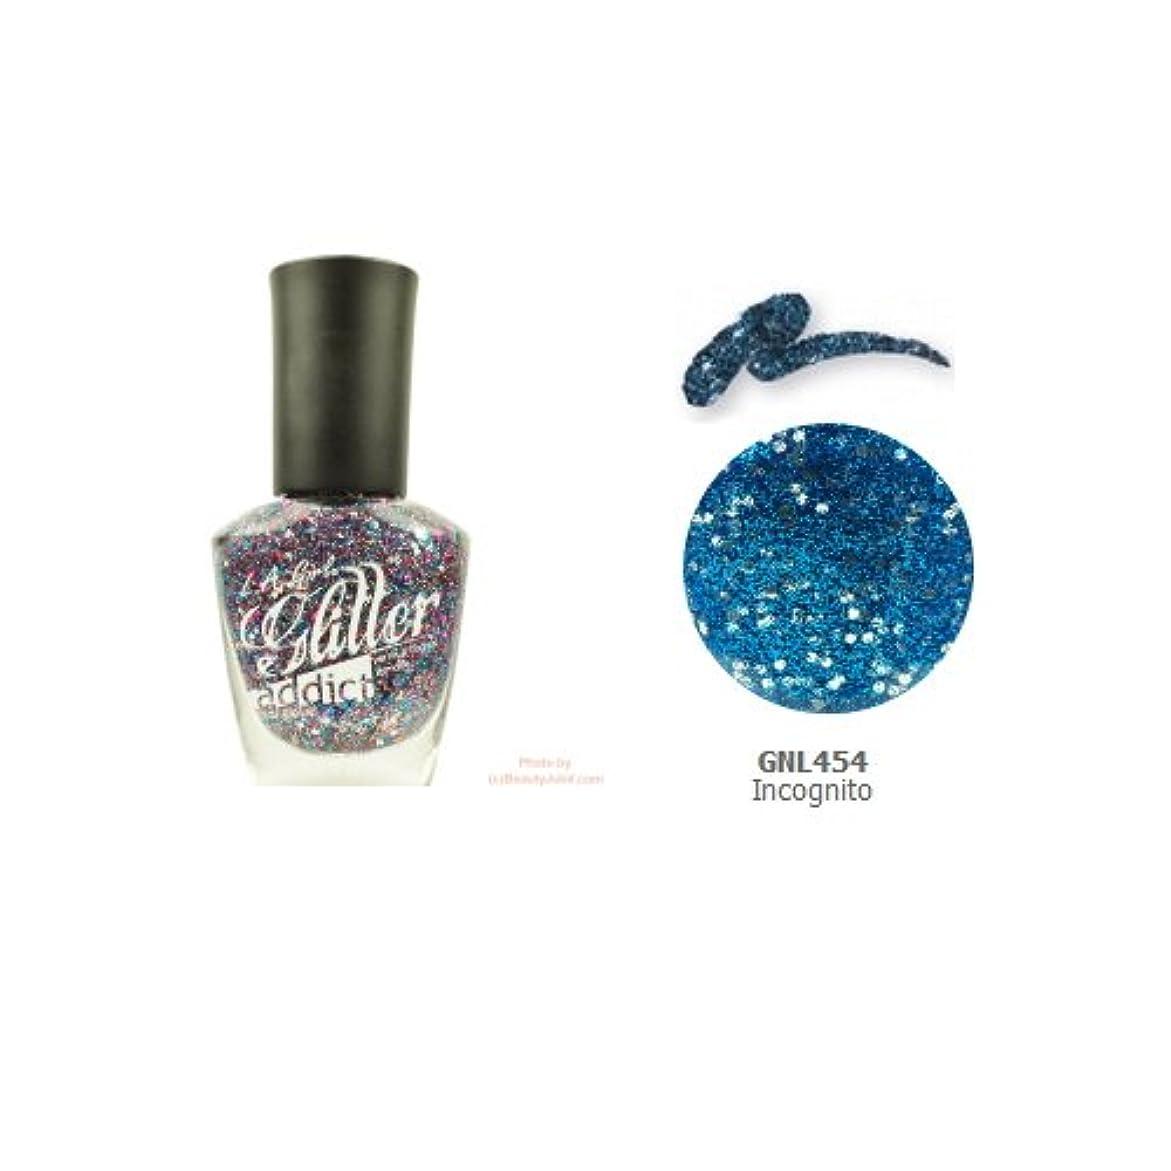 かかわらず後者おじいちゃん(6 Pack) LA GIRL Glitter Addict Polish - Incognito (並行輸入品)